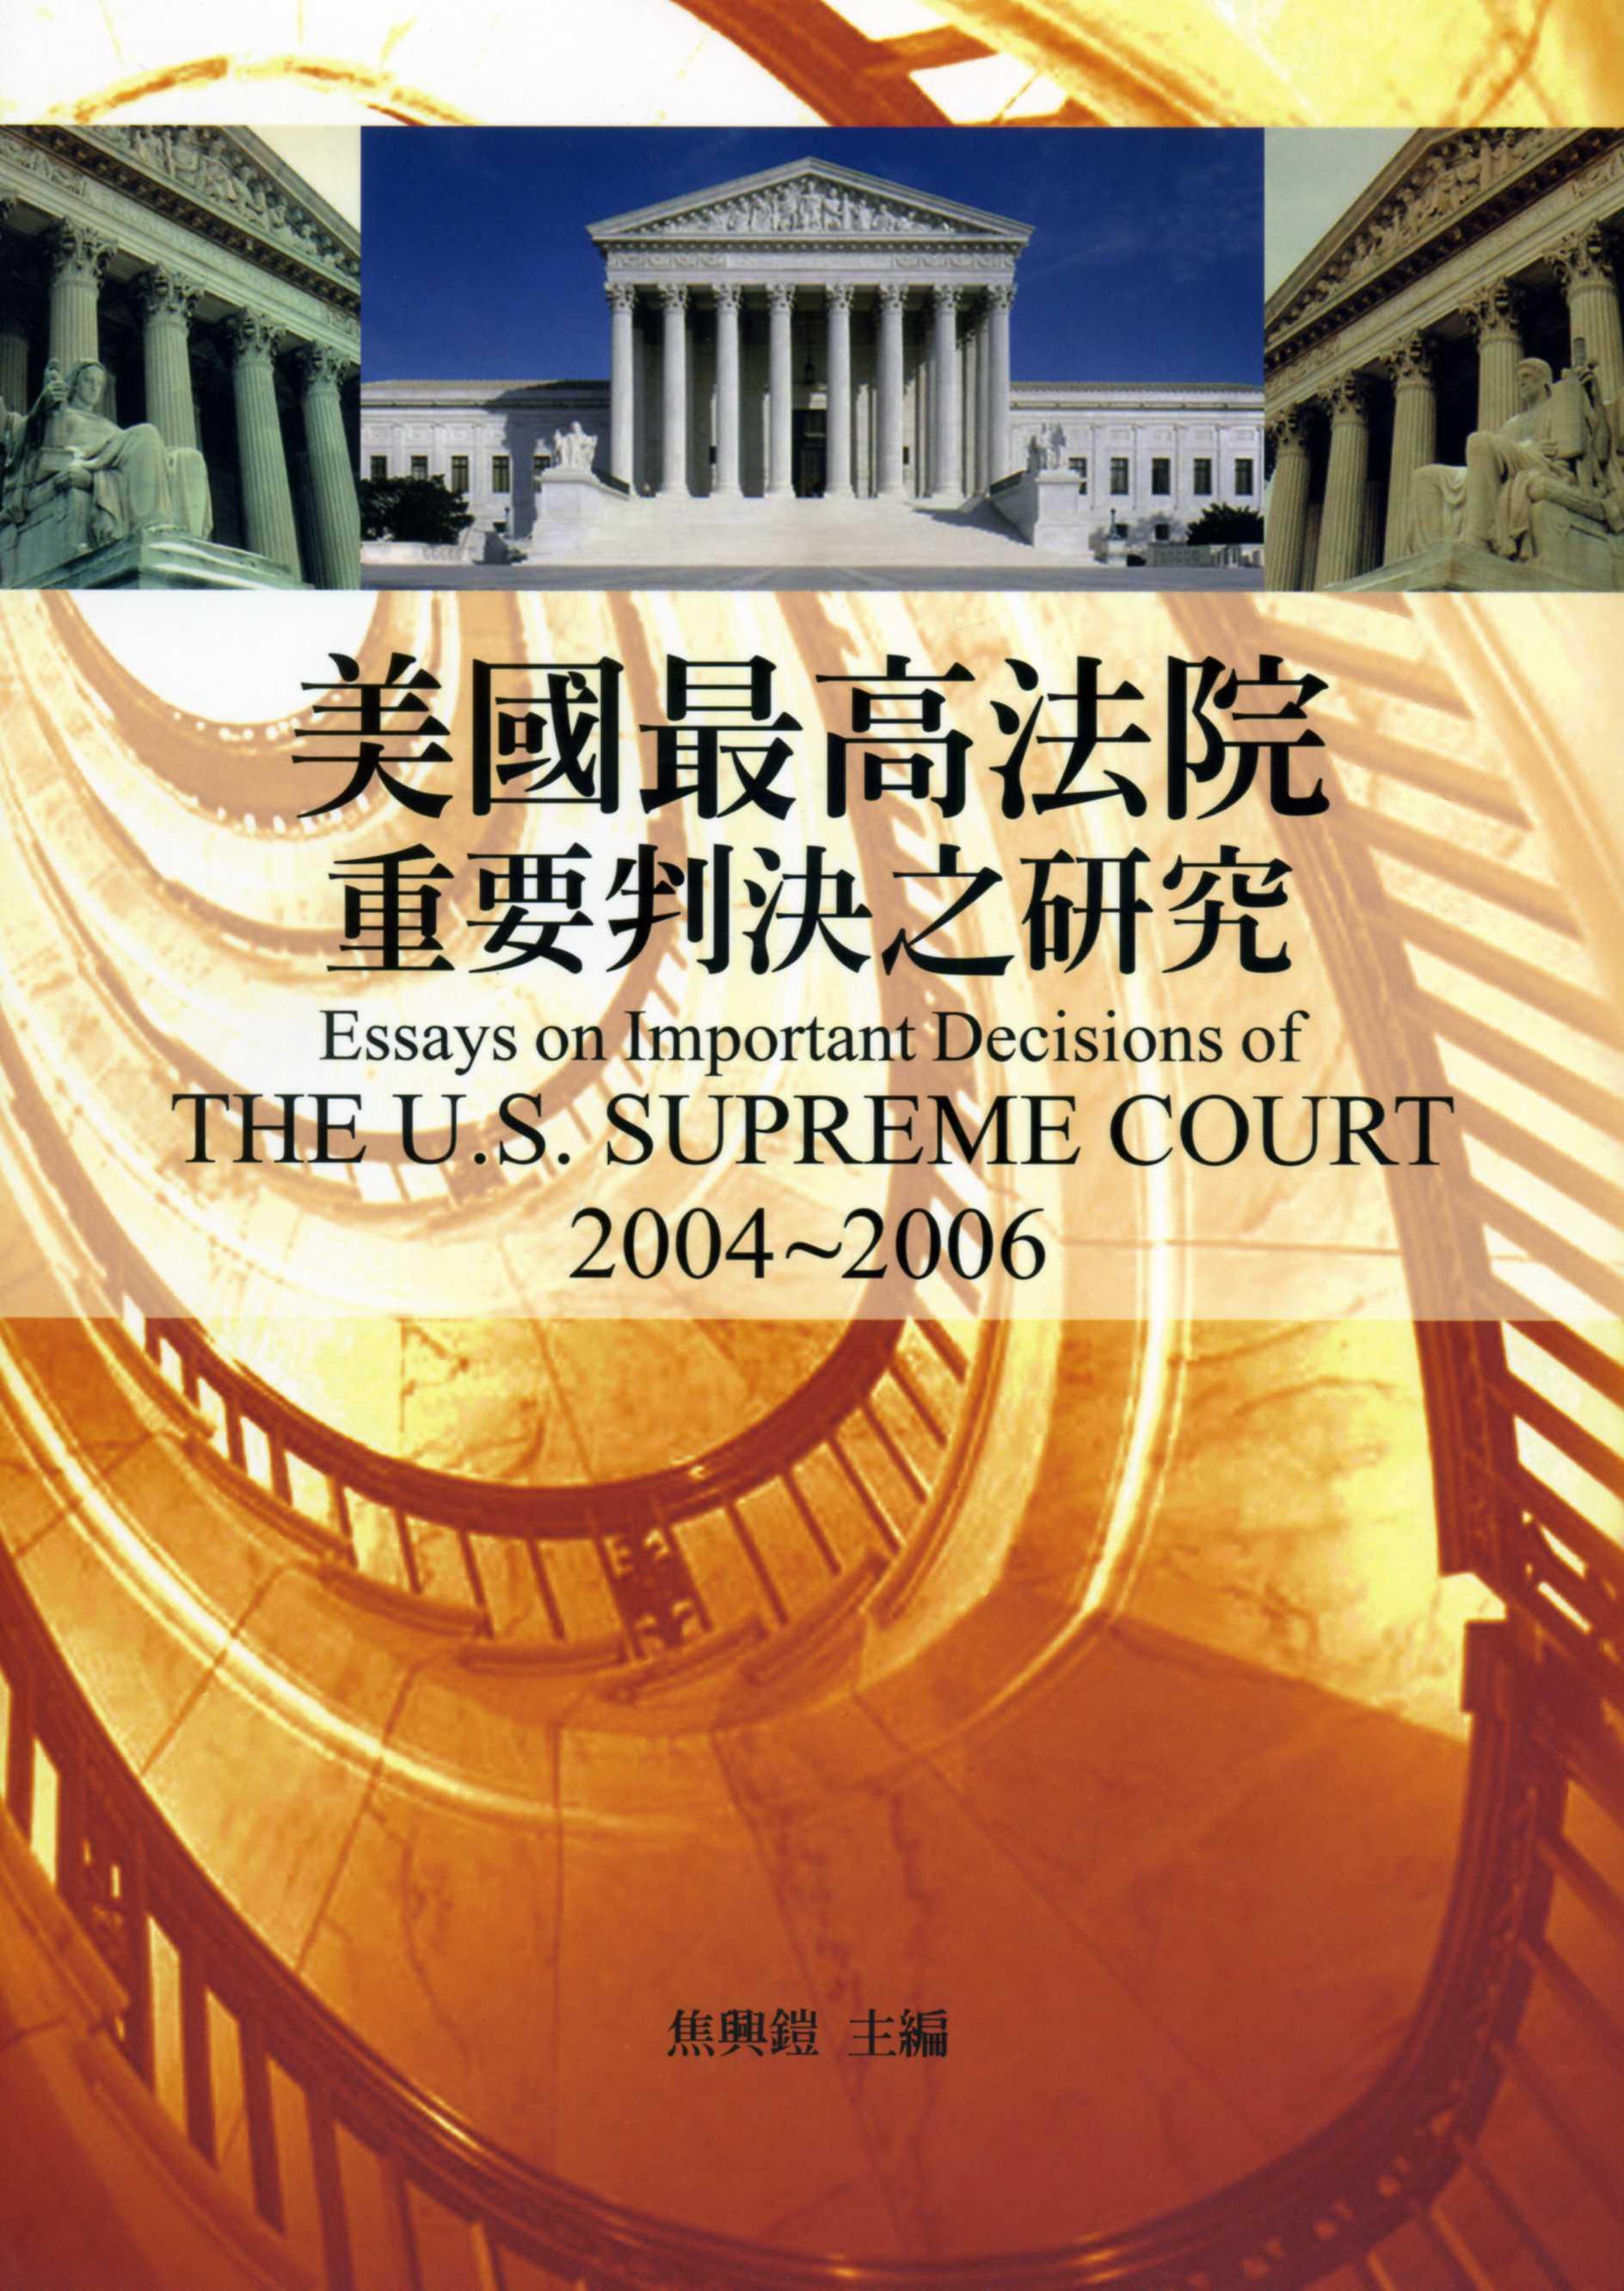 美國最高法院重要判決之研究:2004~2006